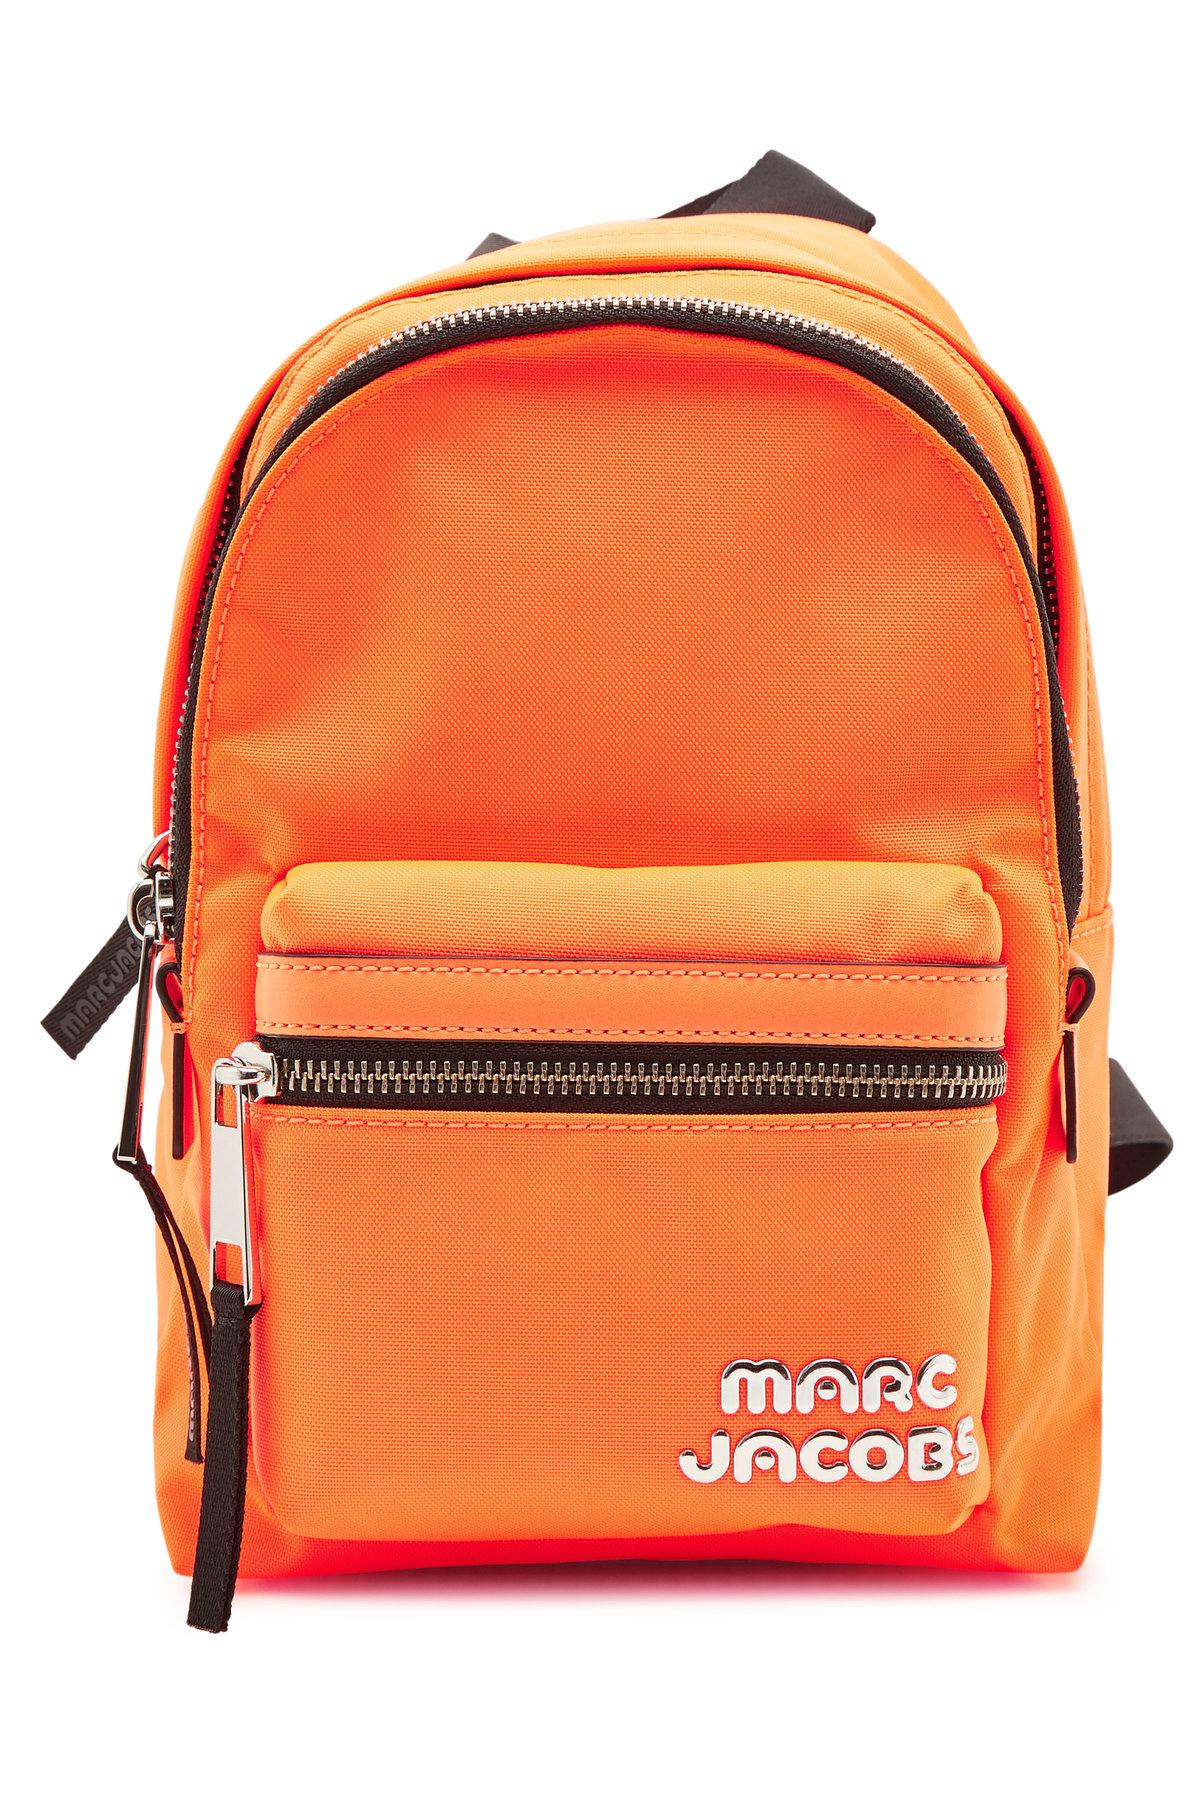 Marc Jacobs Mini Backpack In Orange